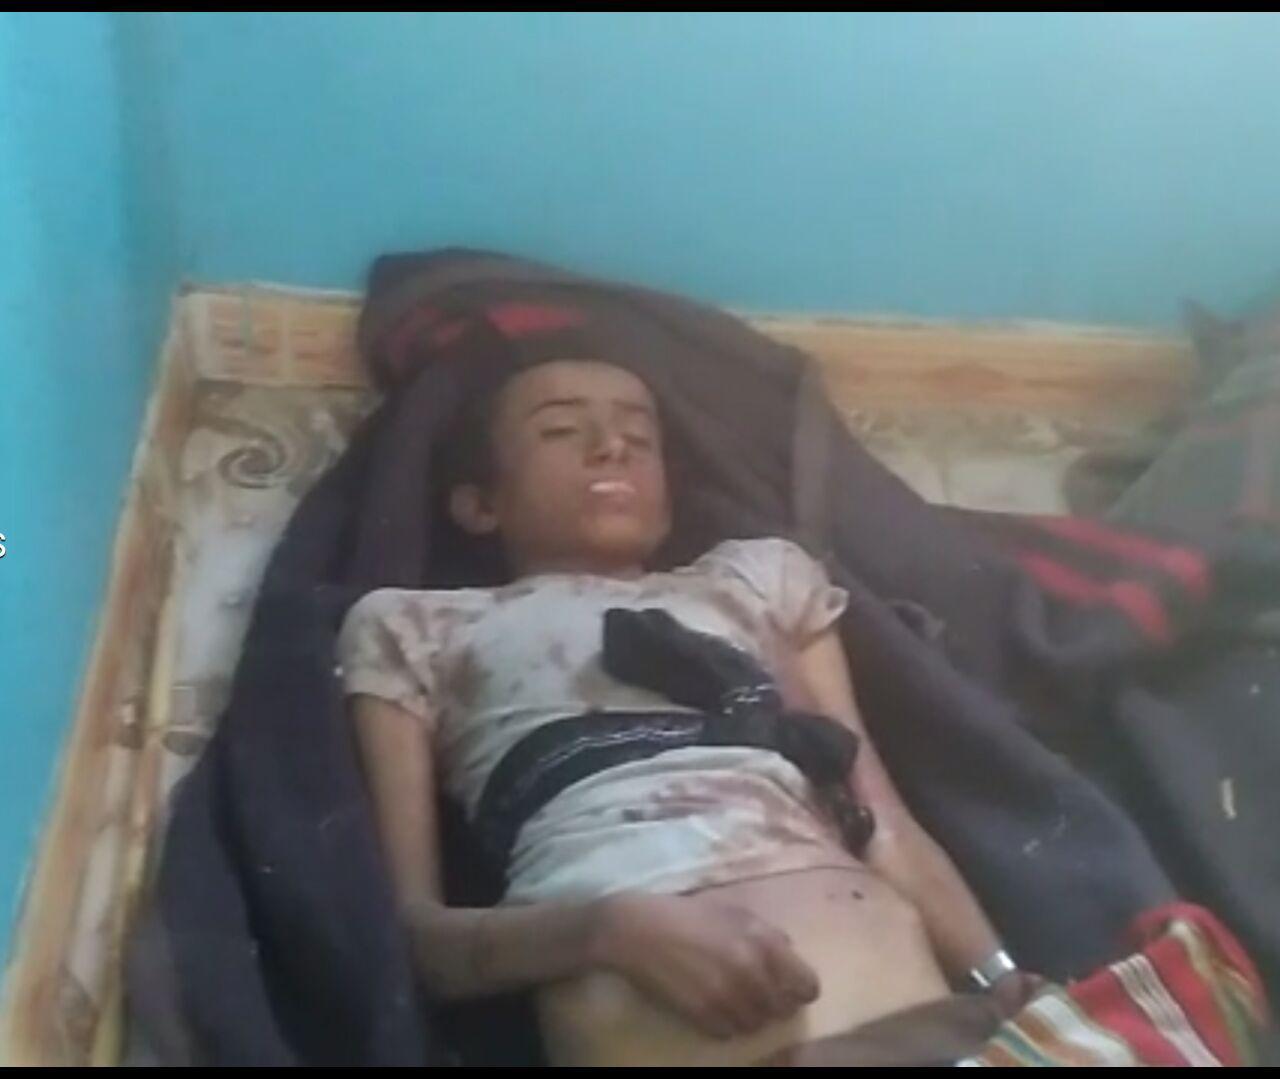 استشهاد وإصابة 3 مواطنين من أبناء مديريتي منبه وغمر بمحافظة صعدة